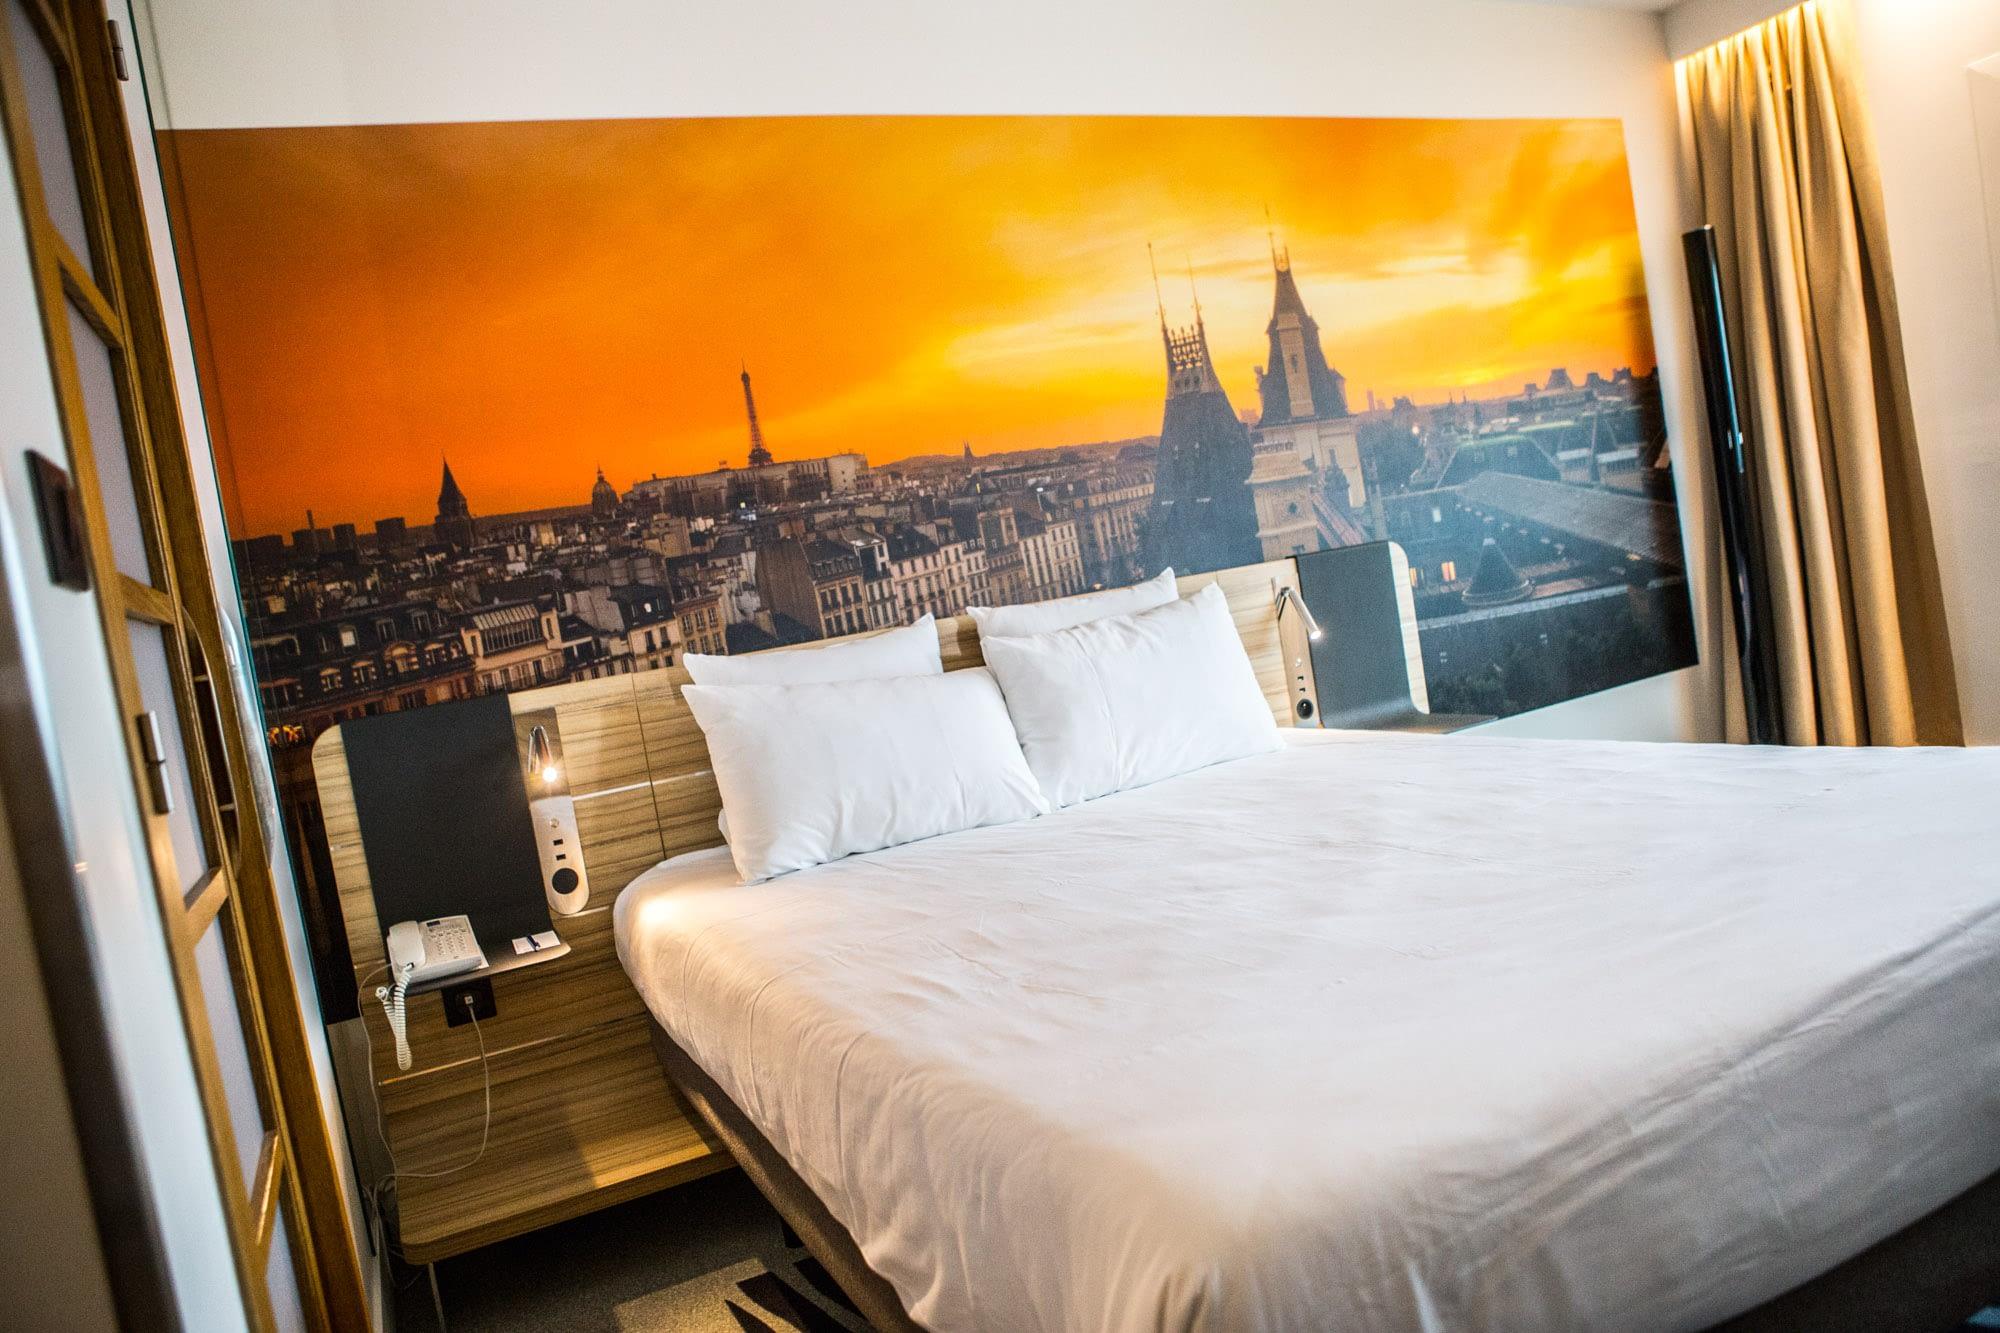 Vente et installation de photographies d'art Pixopolitan pour le Novotel Porte d'Orléans